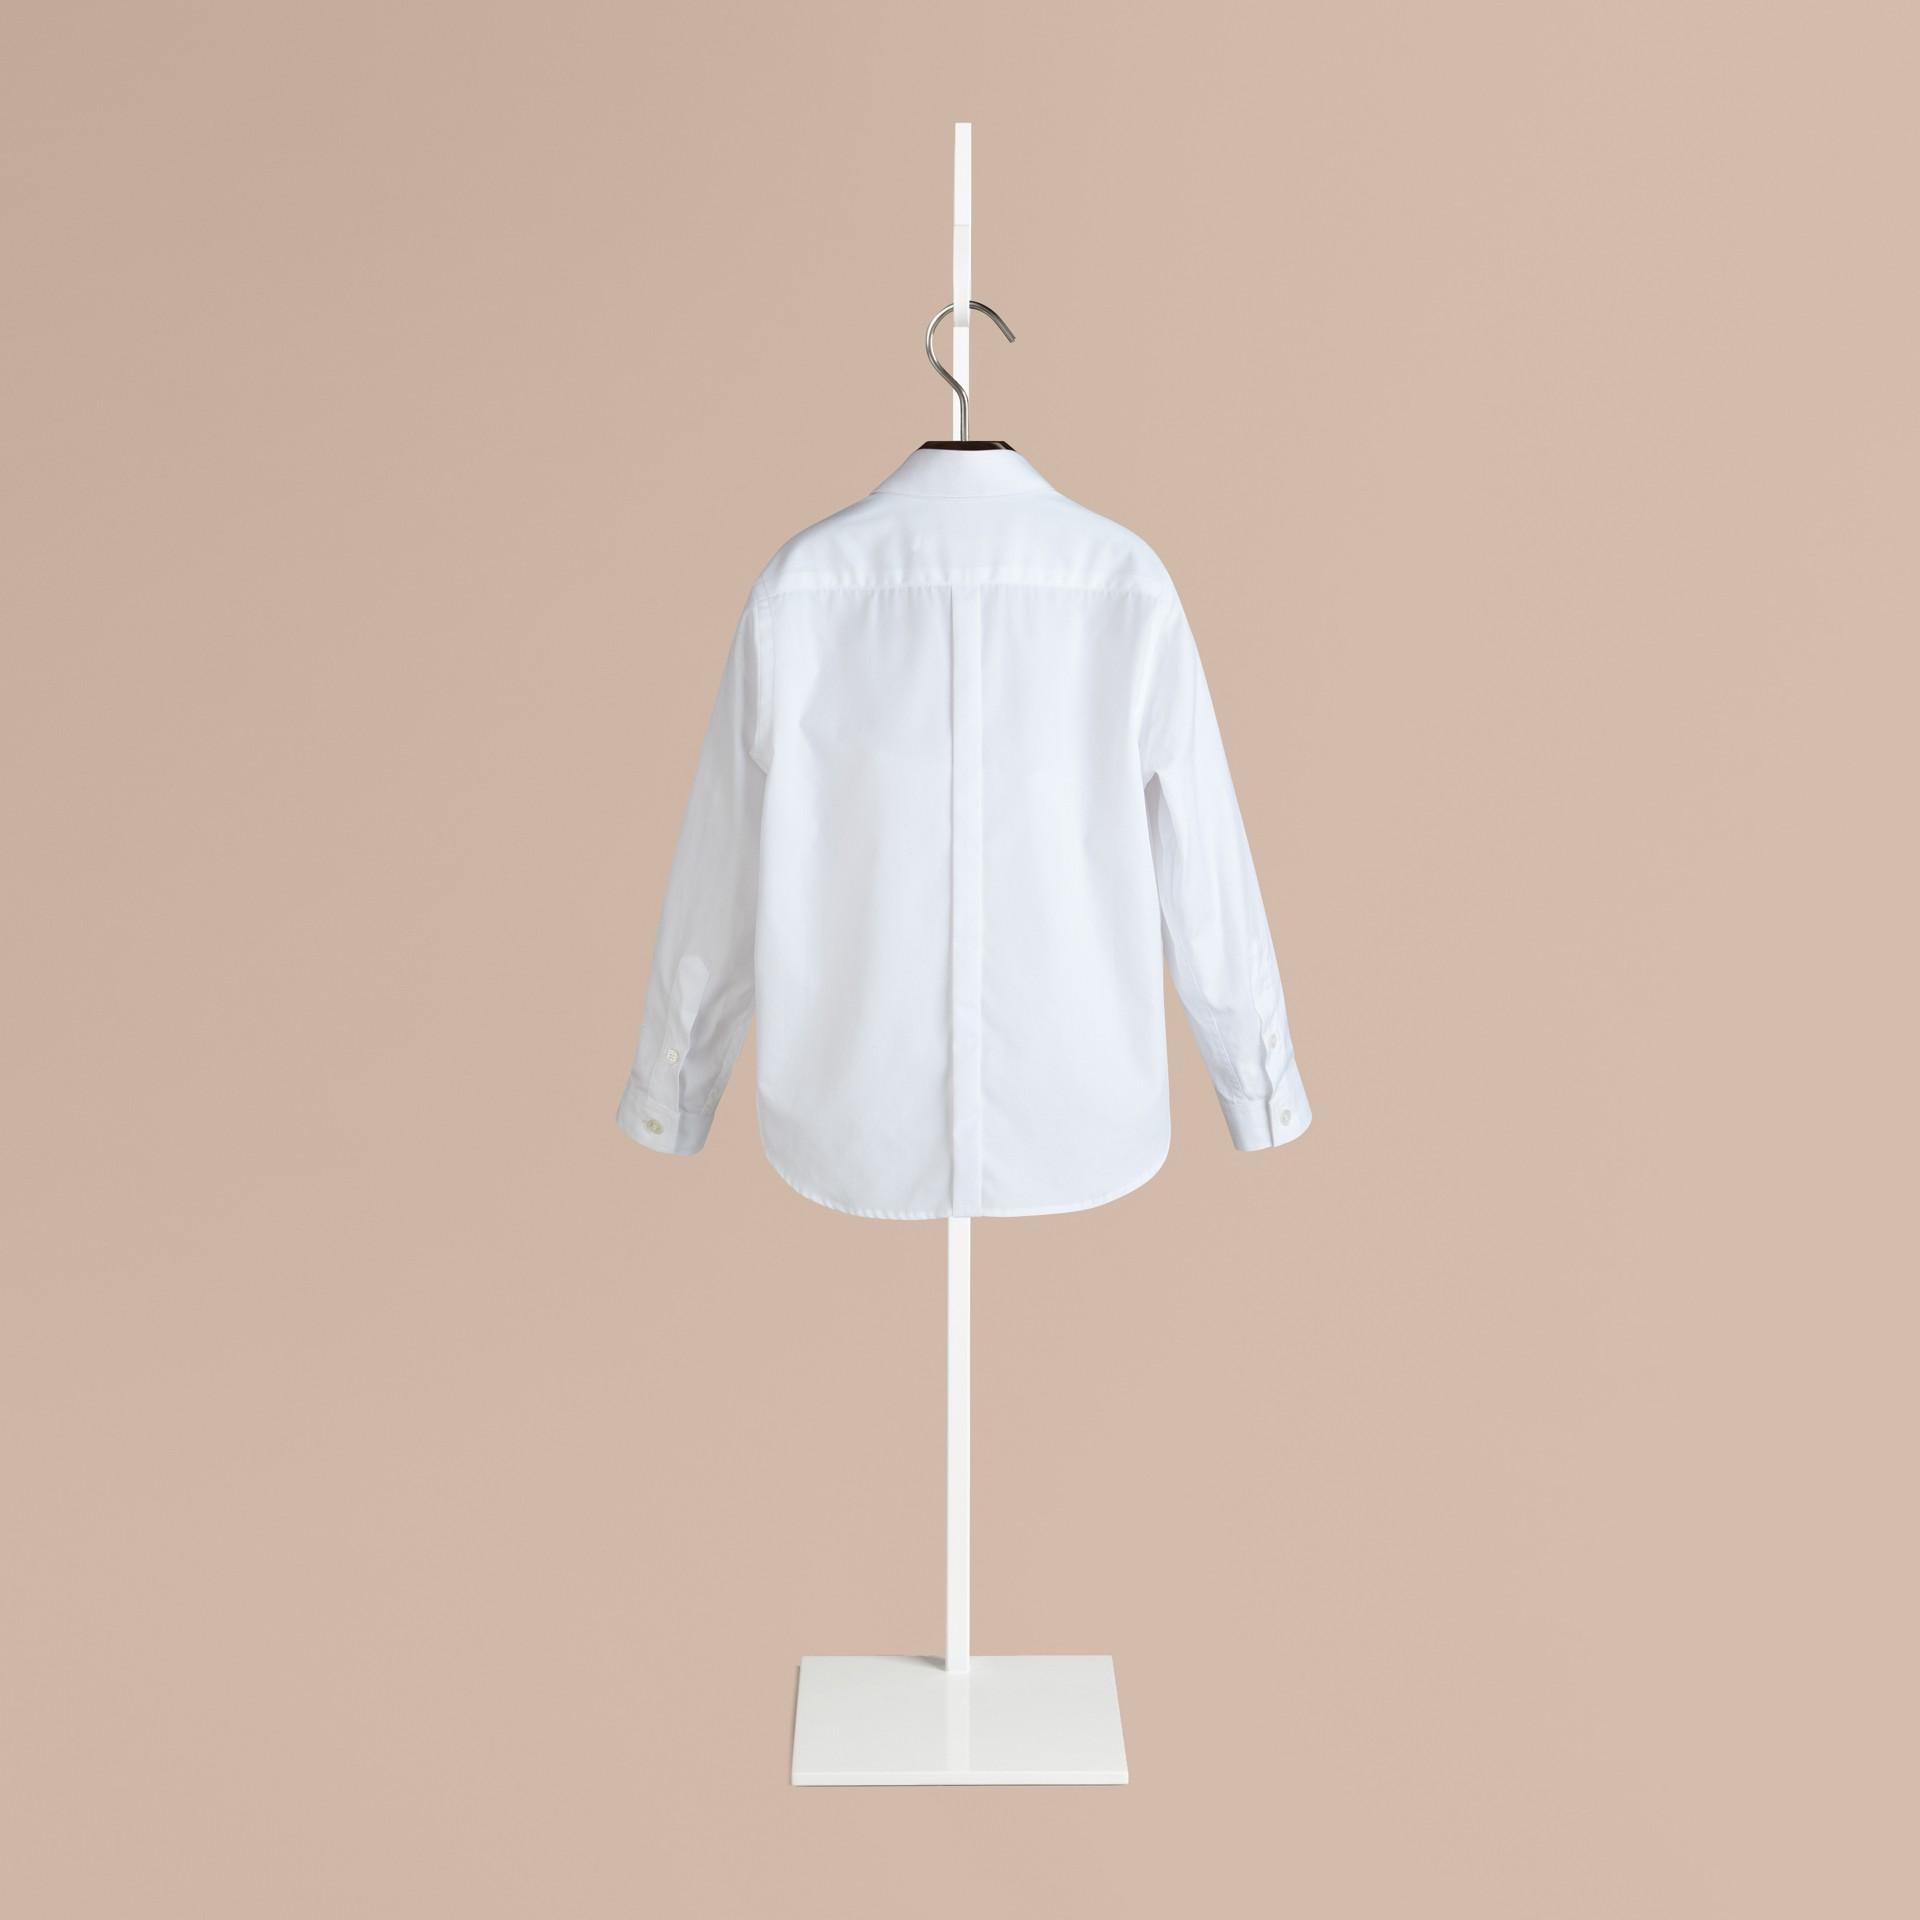 화이트 커버 플래킷 코튼 셔츠 - 갤러리 이미지 2